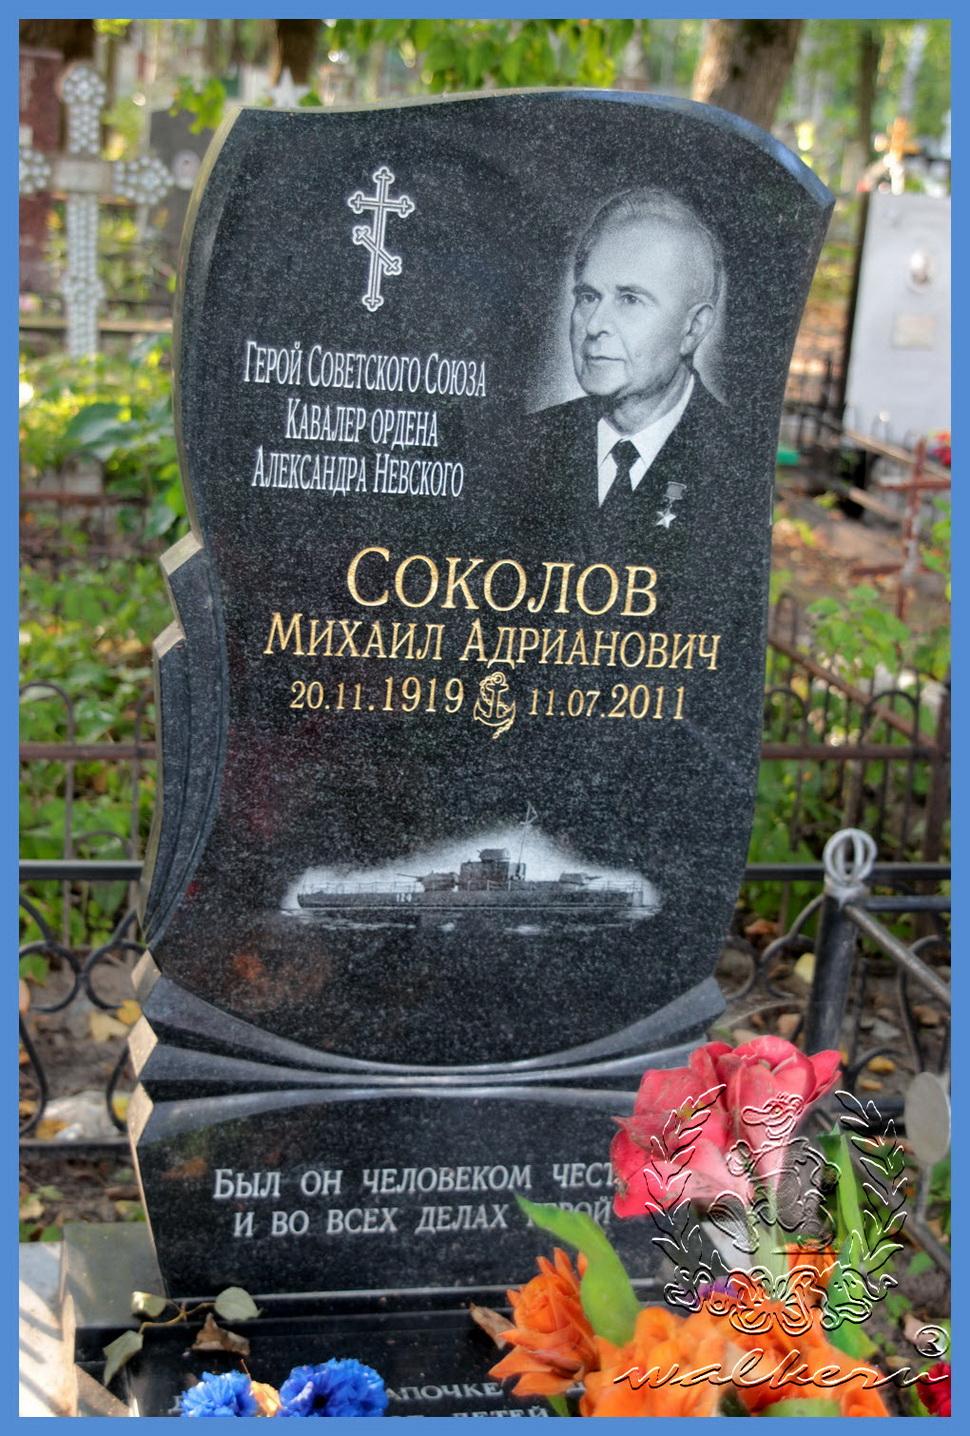 Соколов Михаил Андрианович